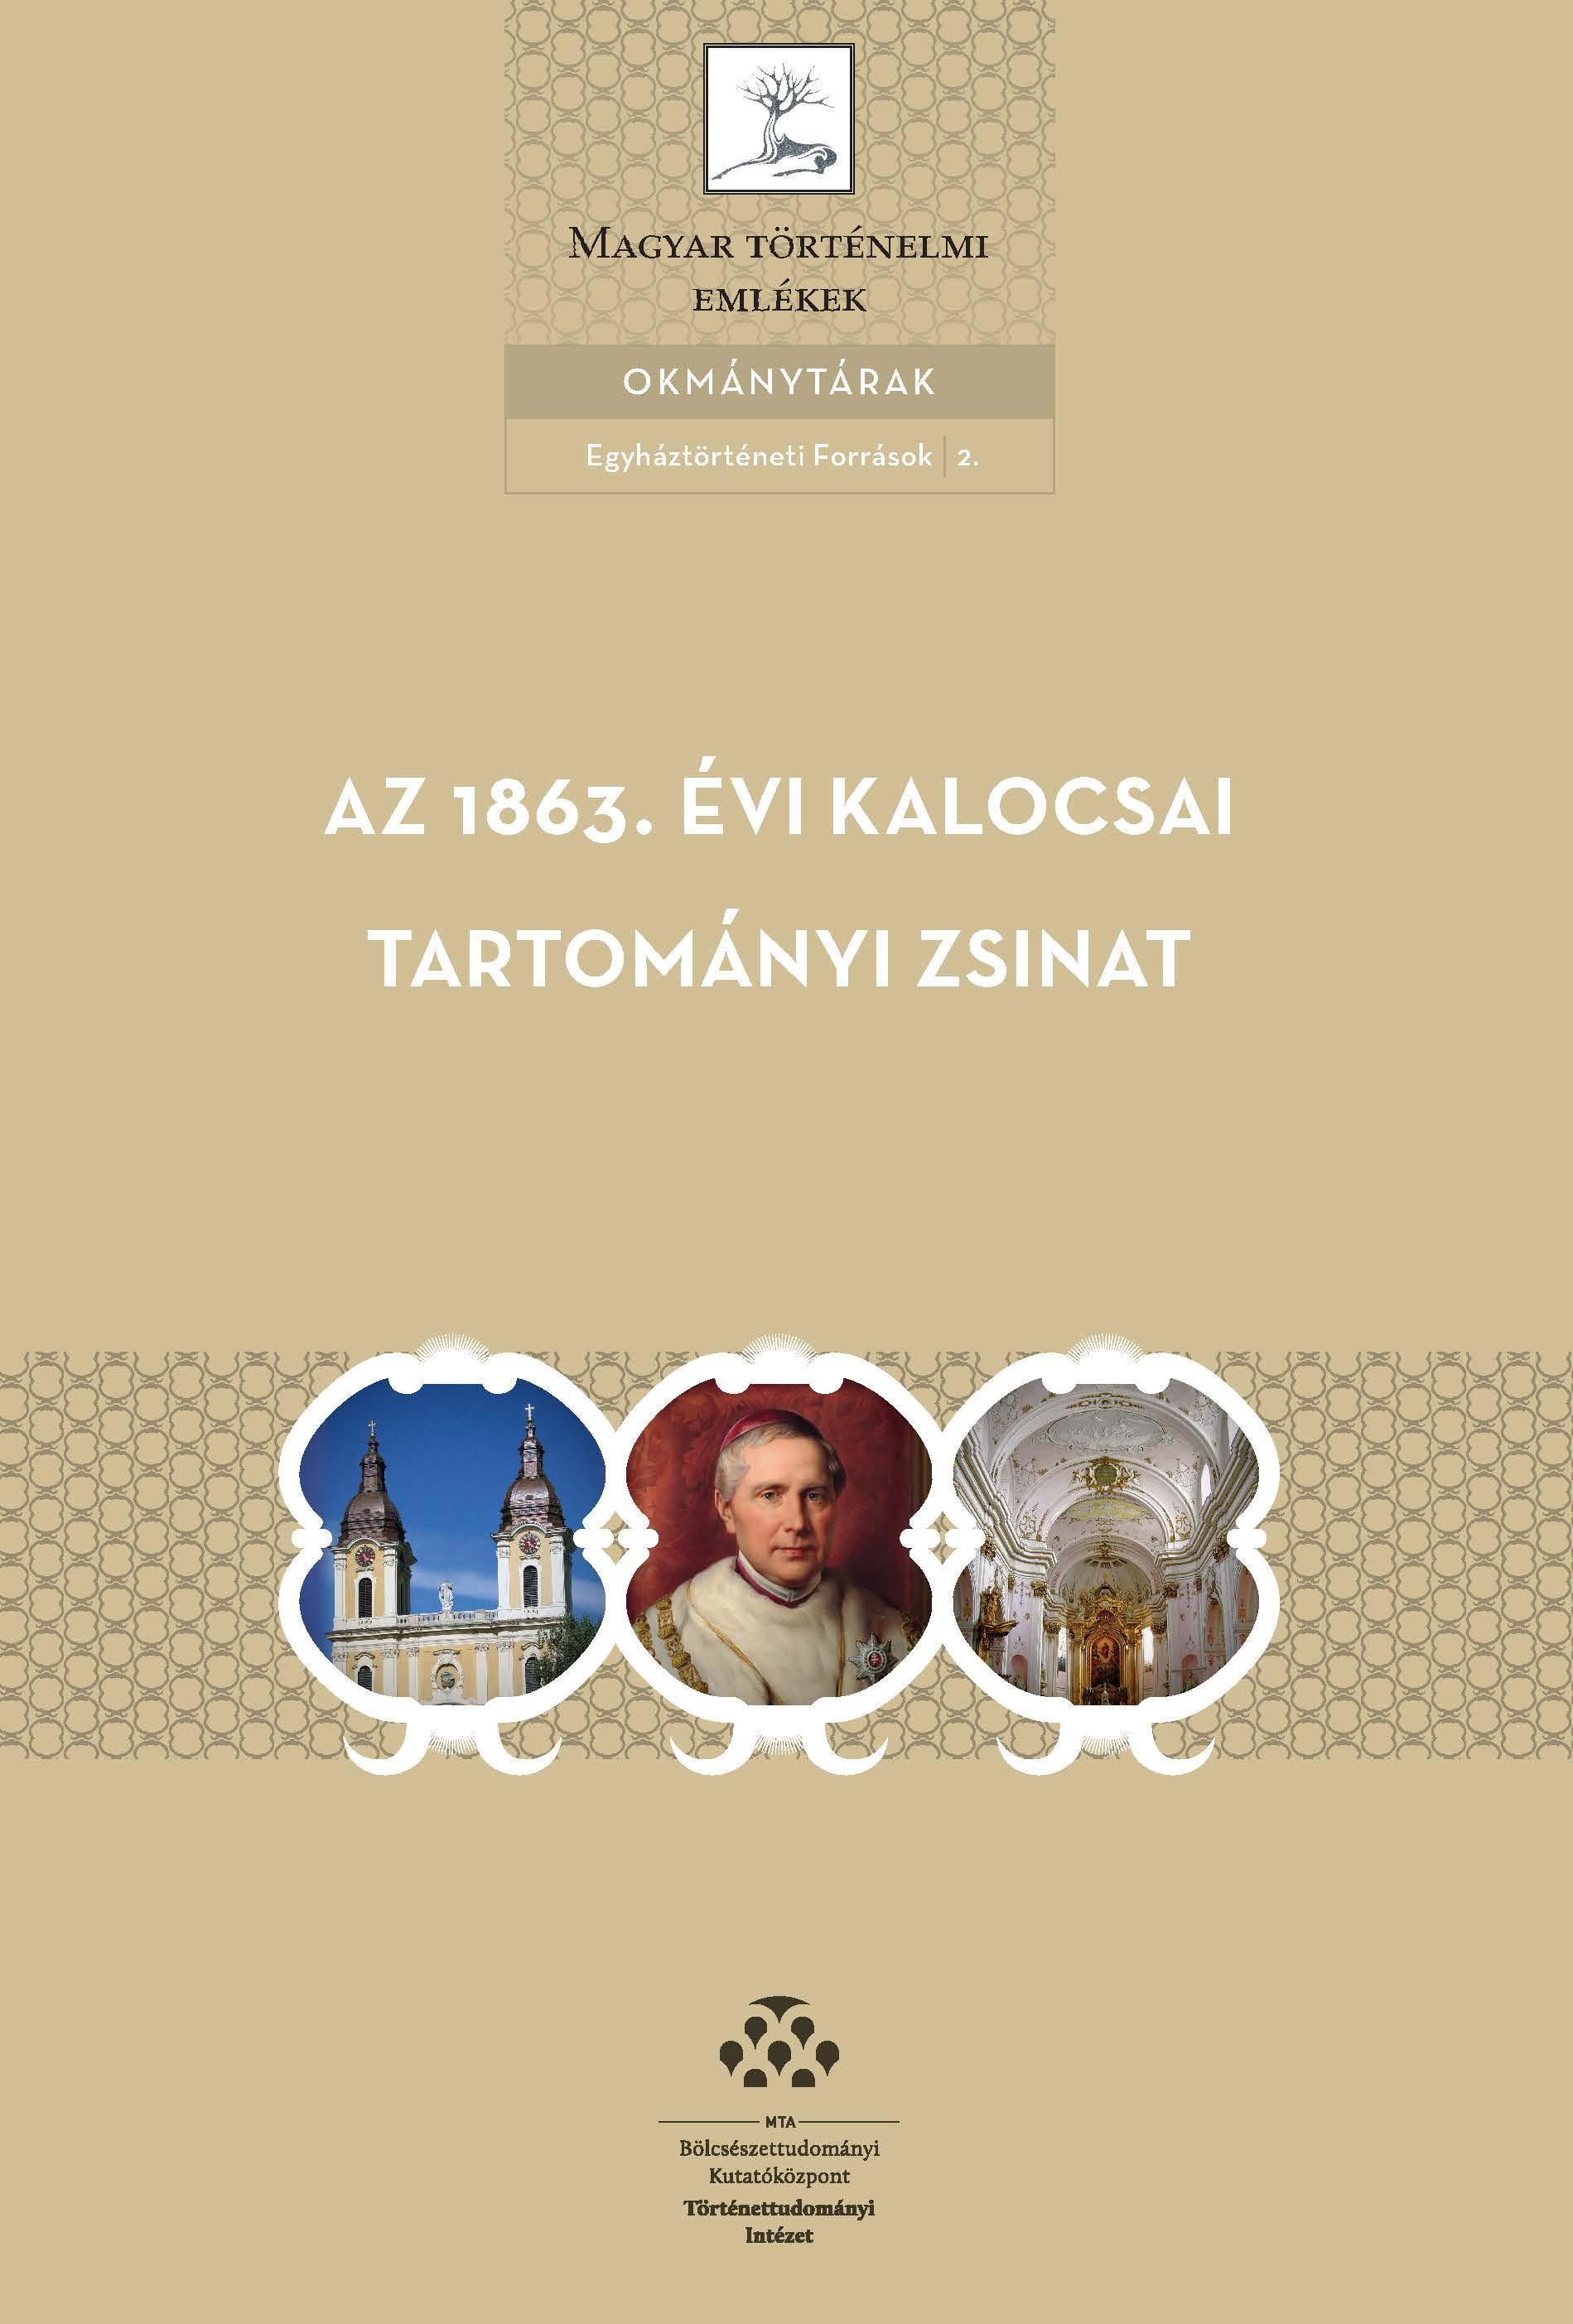 AZ 1863. ÉVI KALOCSAI TARTOMÁNYI ZSINAT